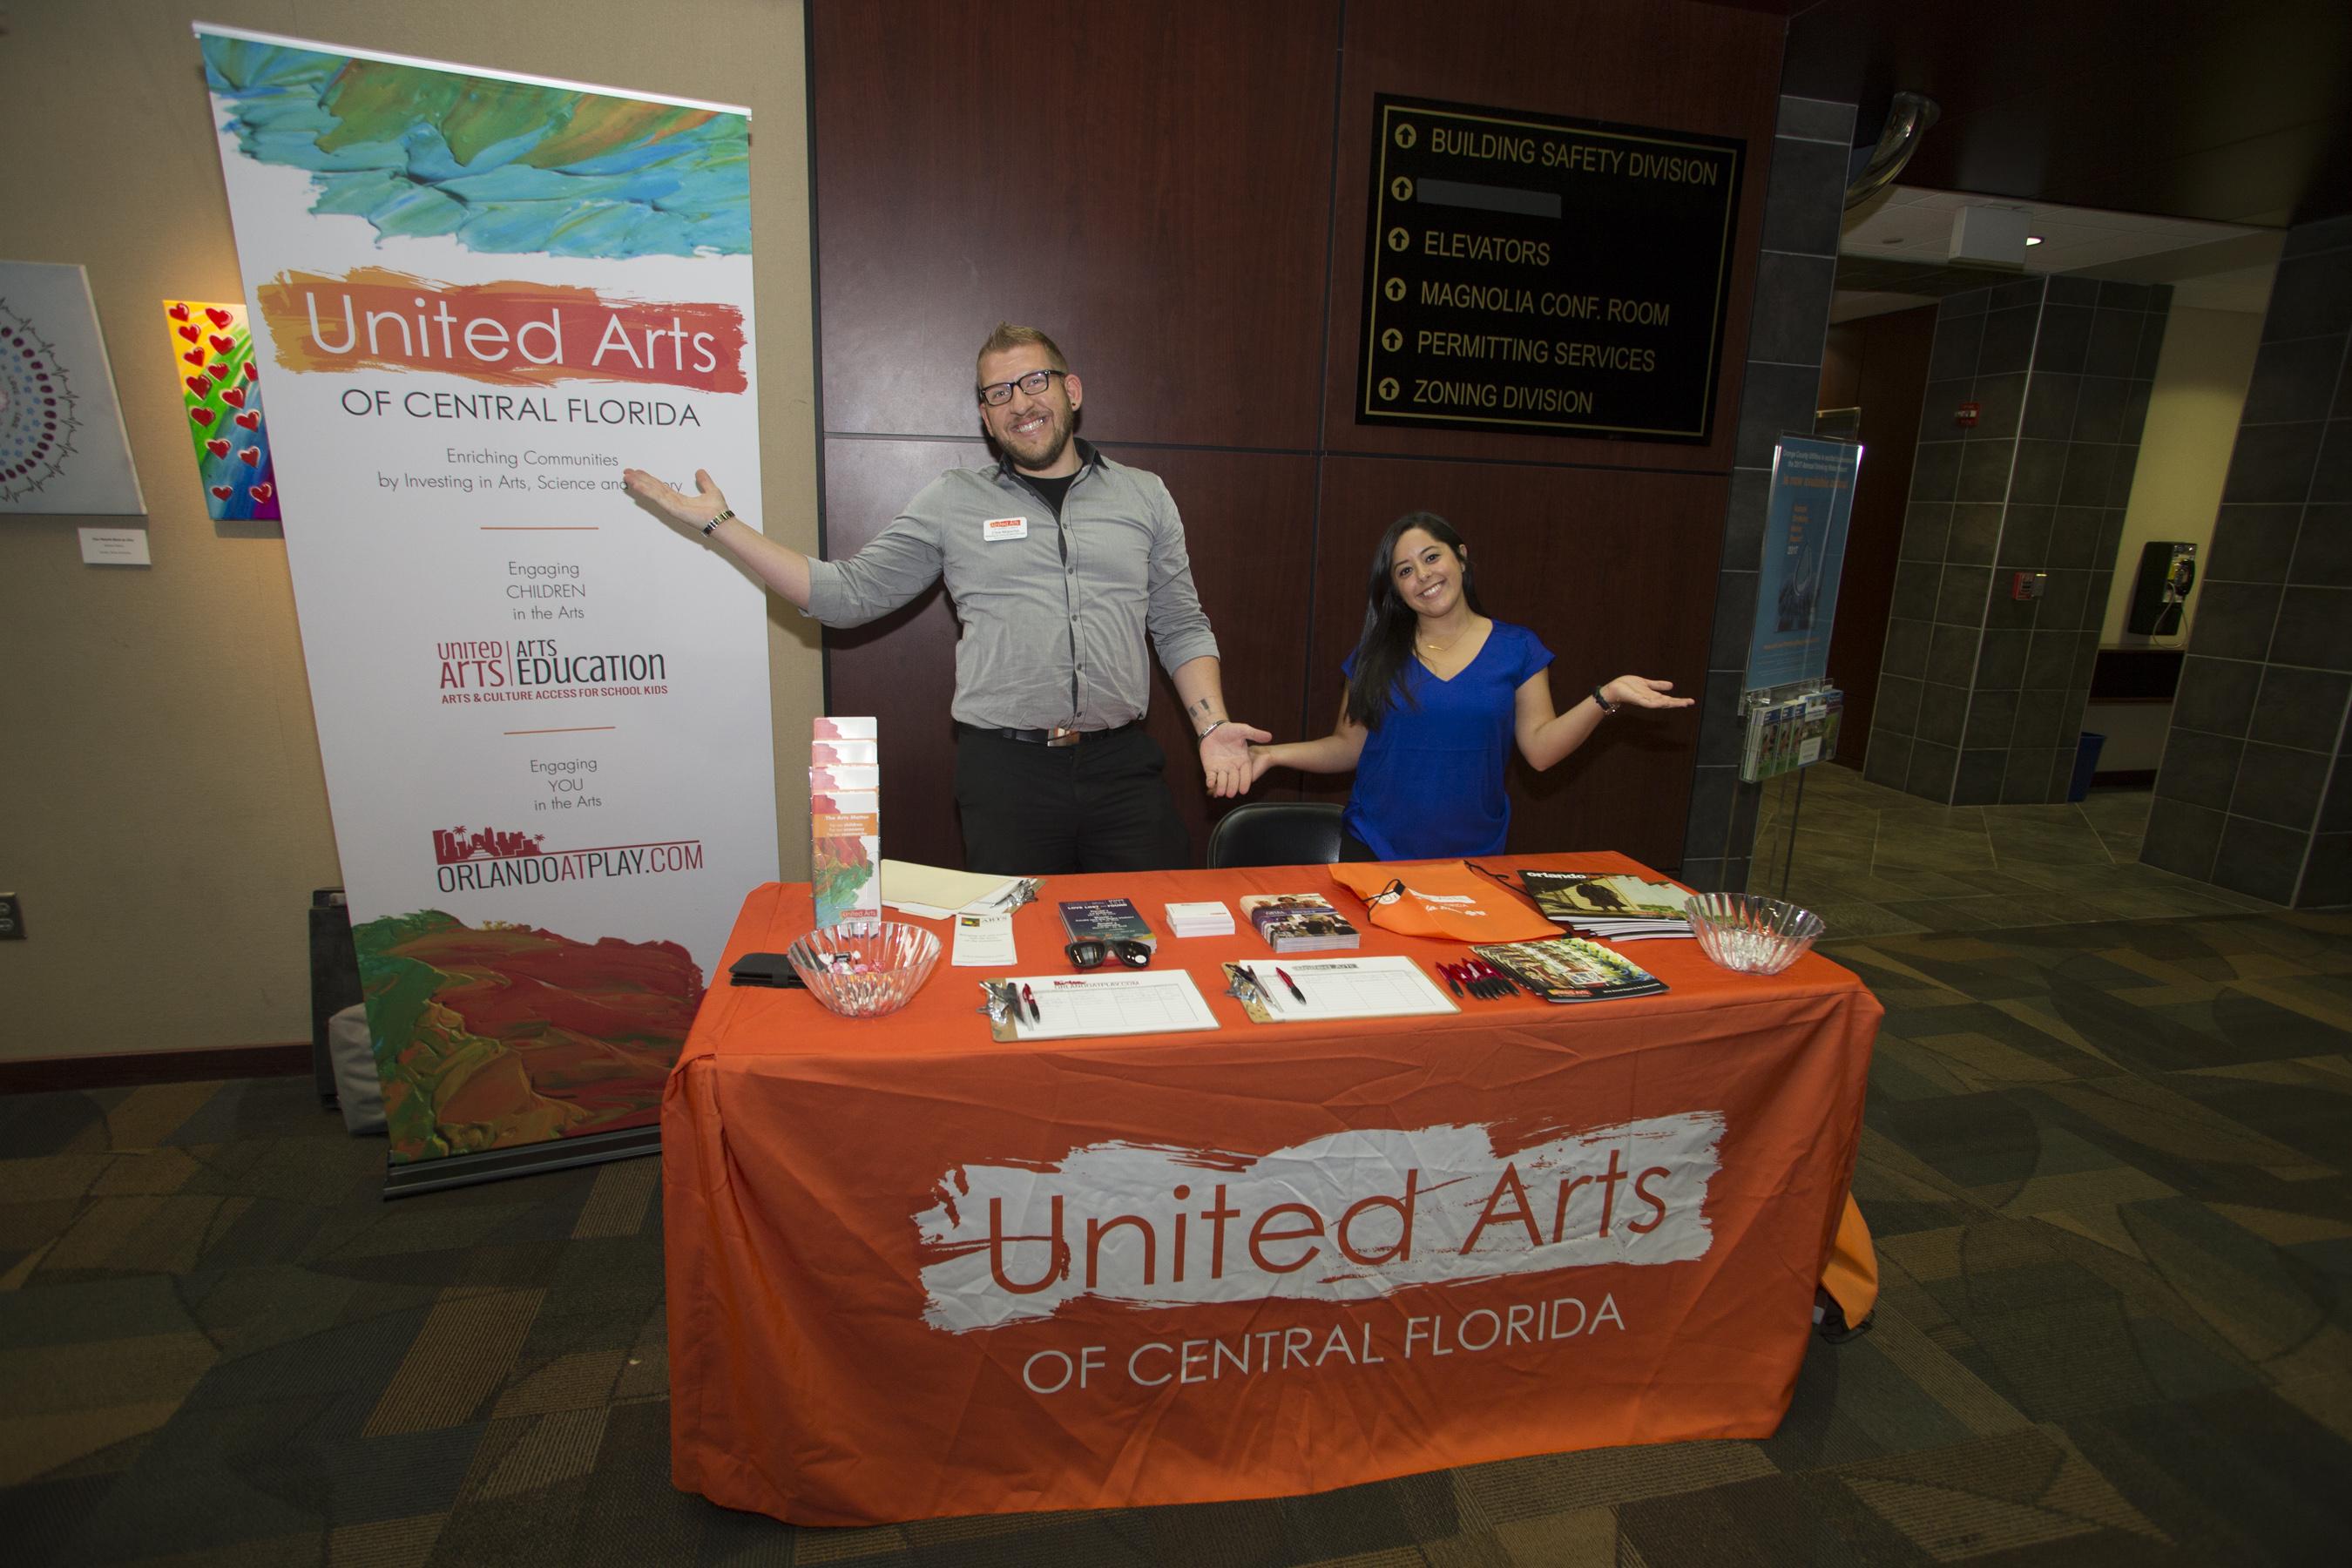 Hombre y mujer parados detrás de la mesa donde entregan panfletos en nombre de United Arts of Central Florida